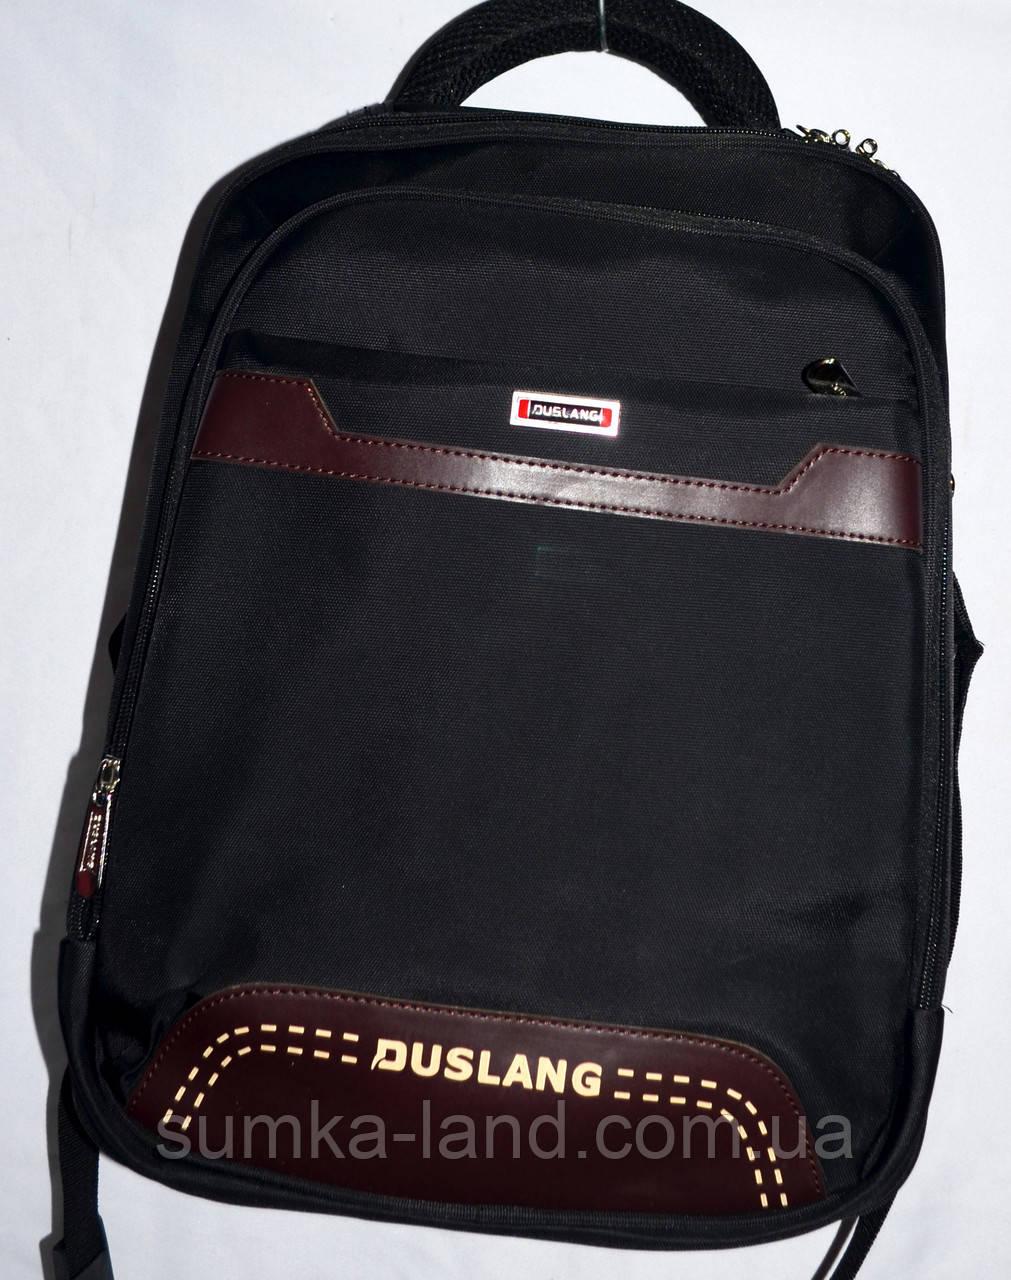 Мужской черный рюкзак-сумка хорошего качества с полосками 31*41 см